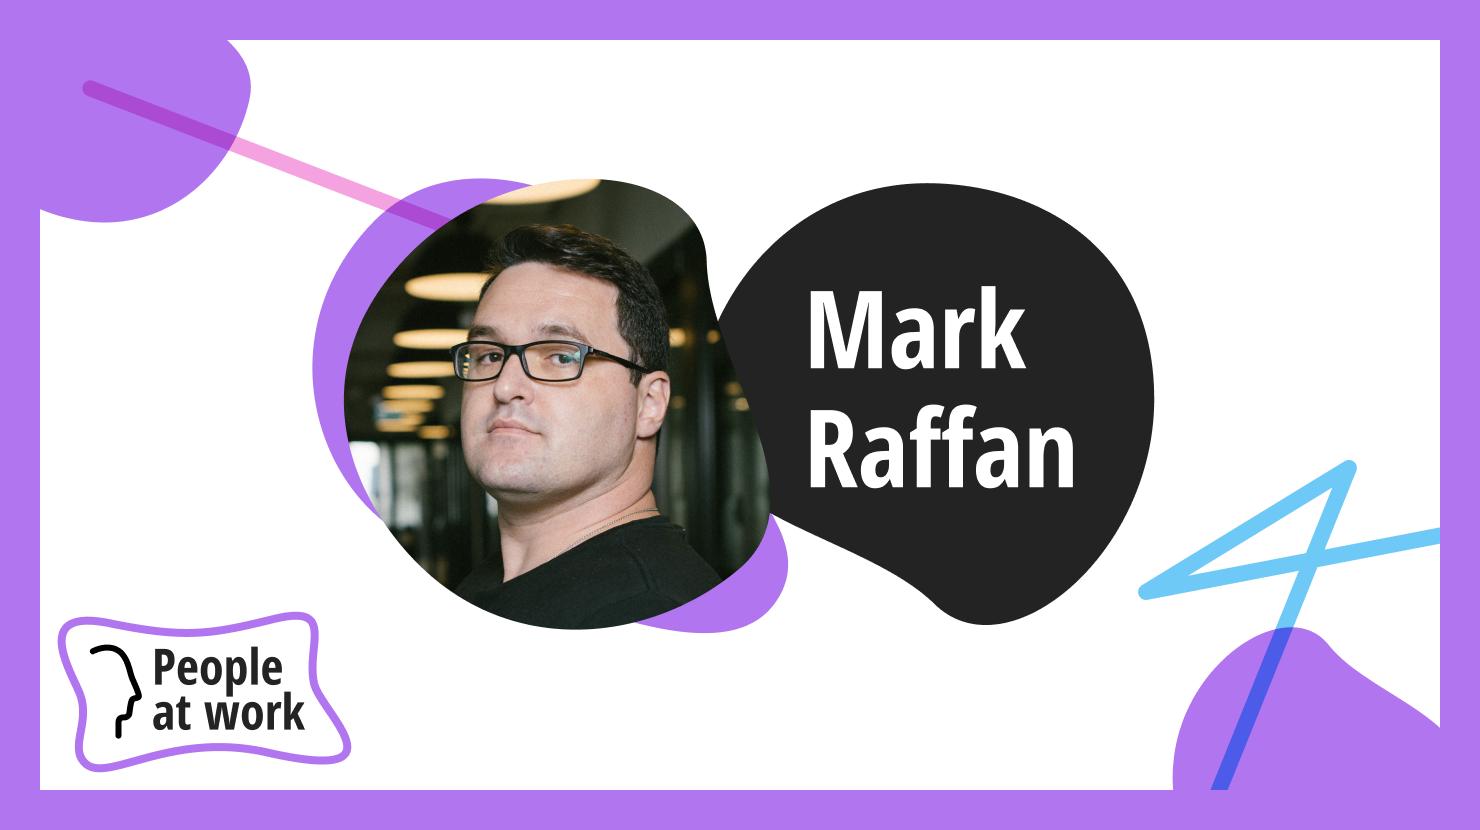 Better negotiators lead better with Mark Raffan